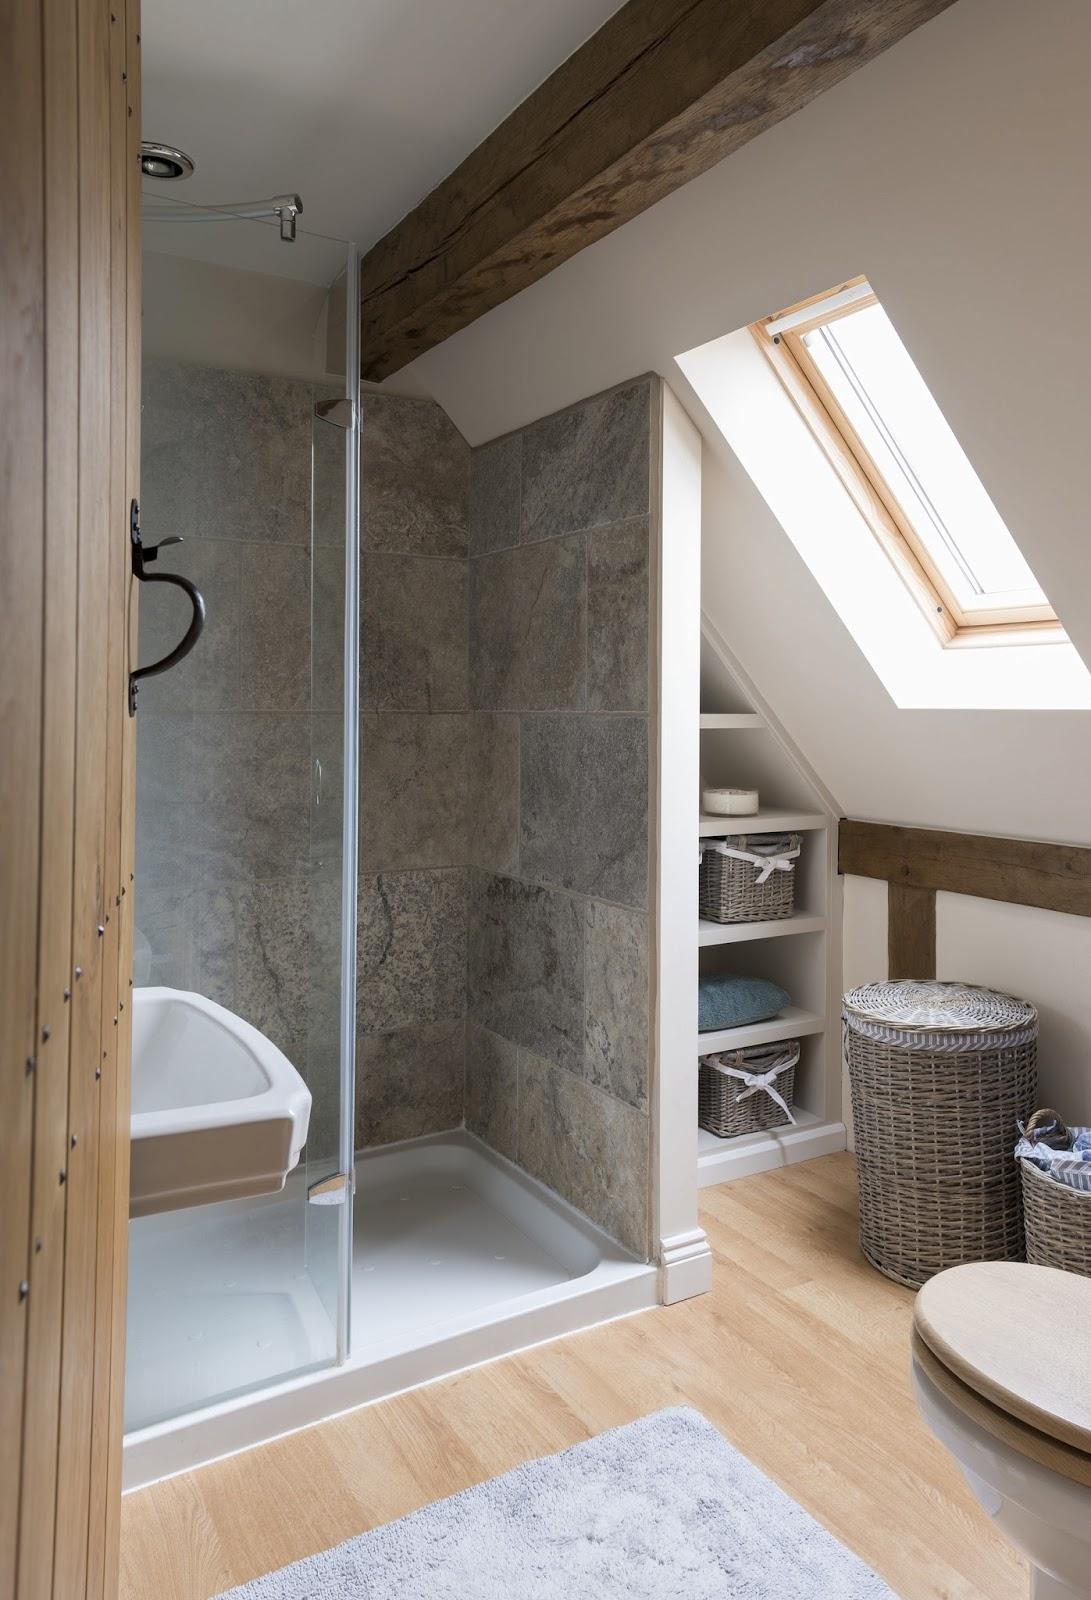 7 bagni con doccia nel sottotetto - Bagno sottotetto ...